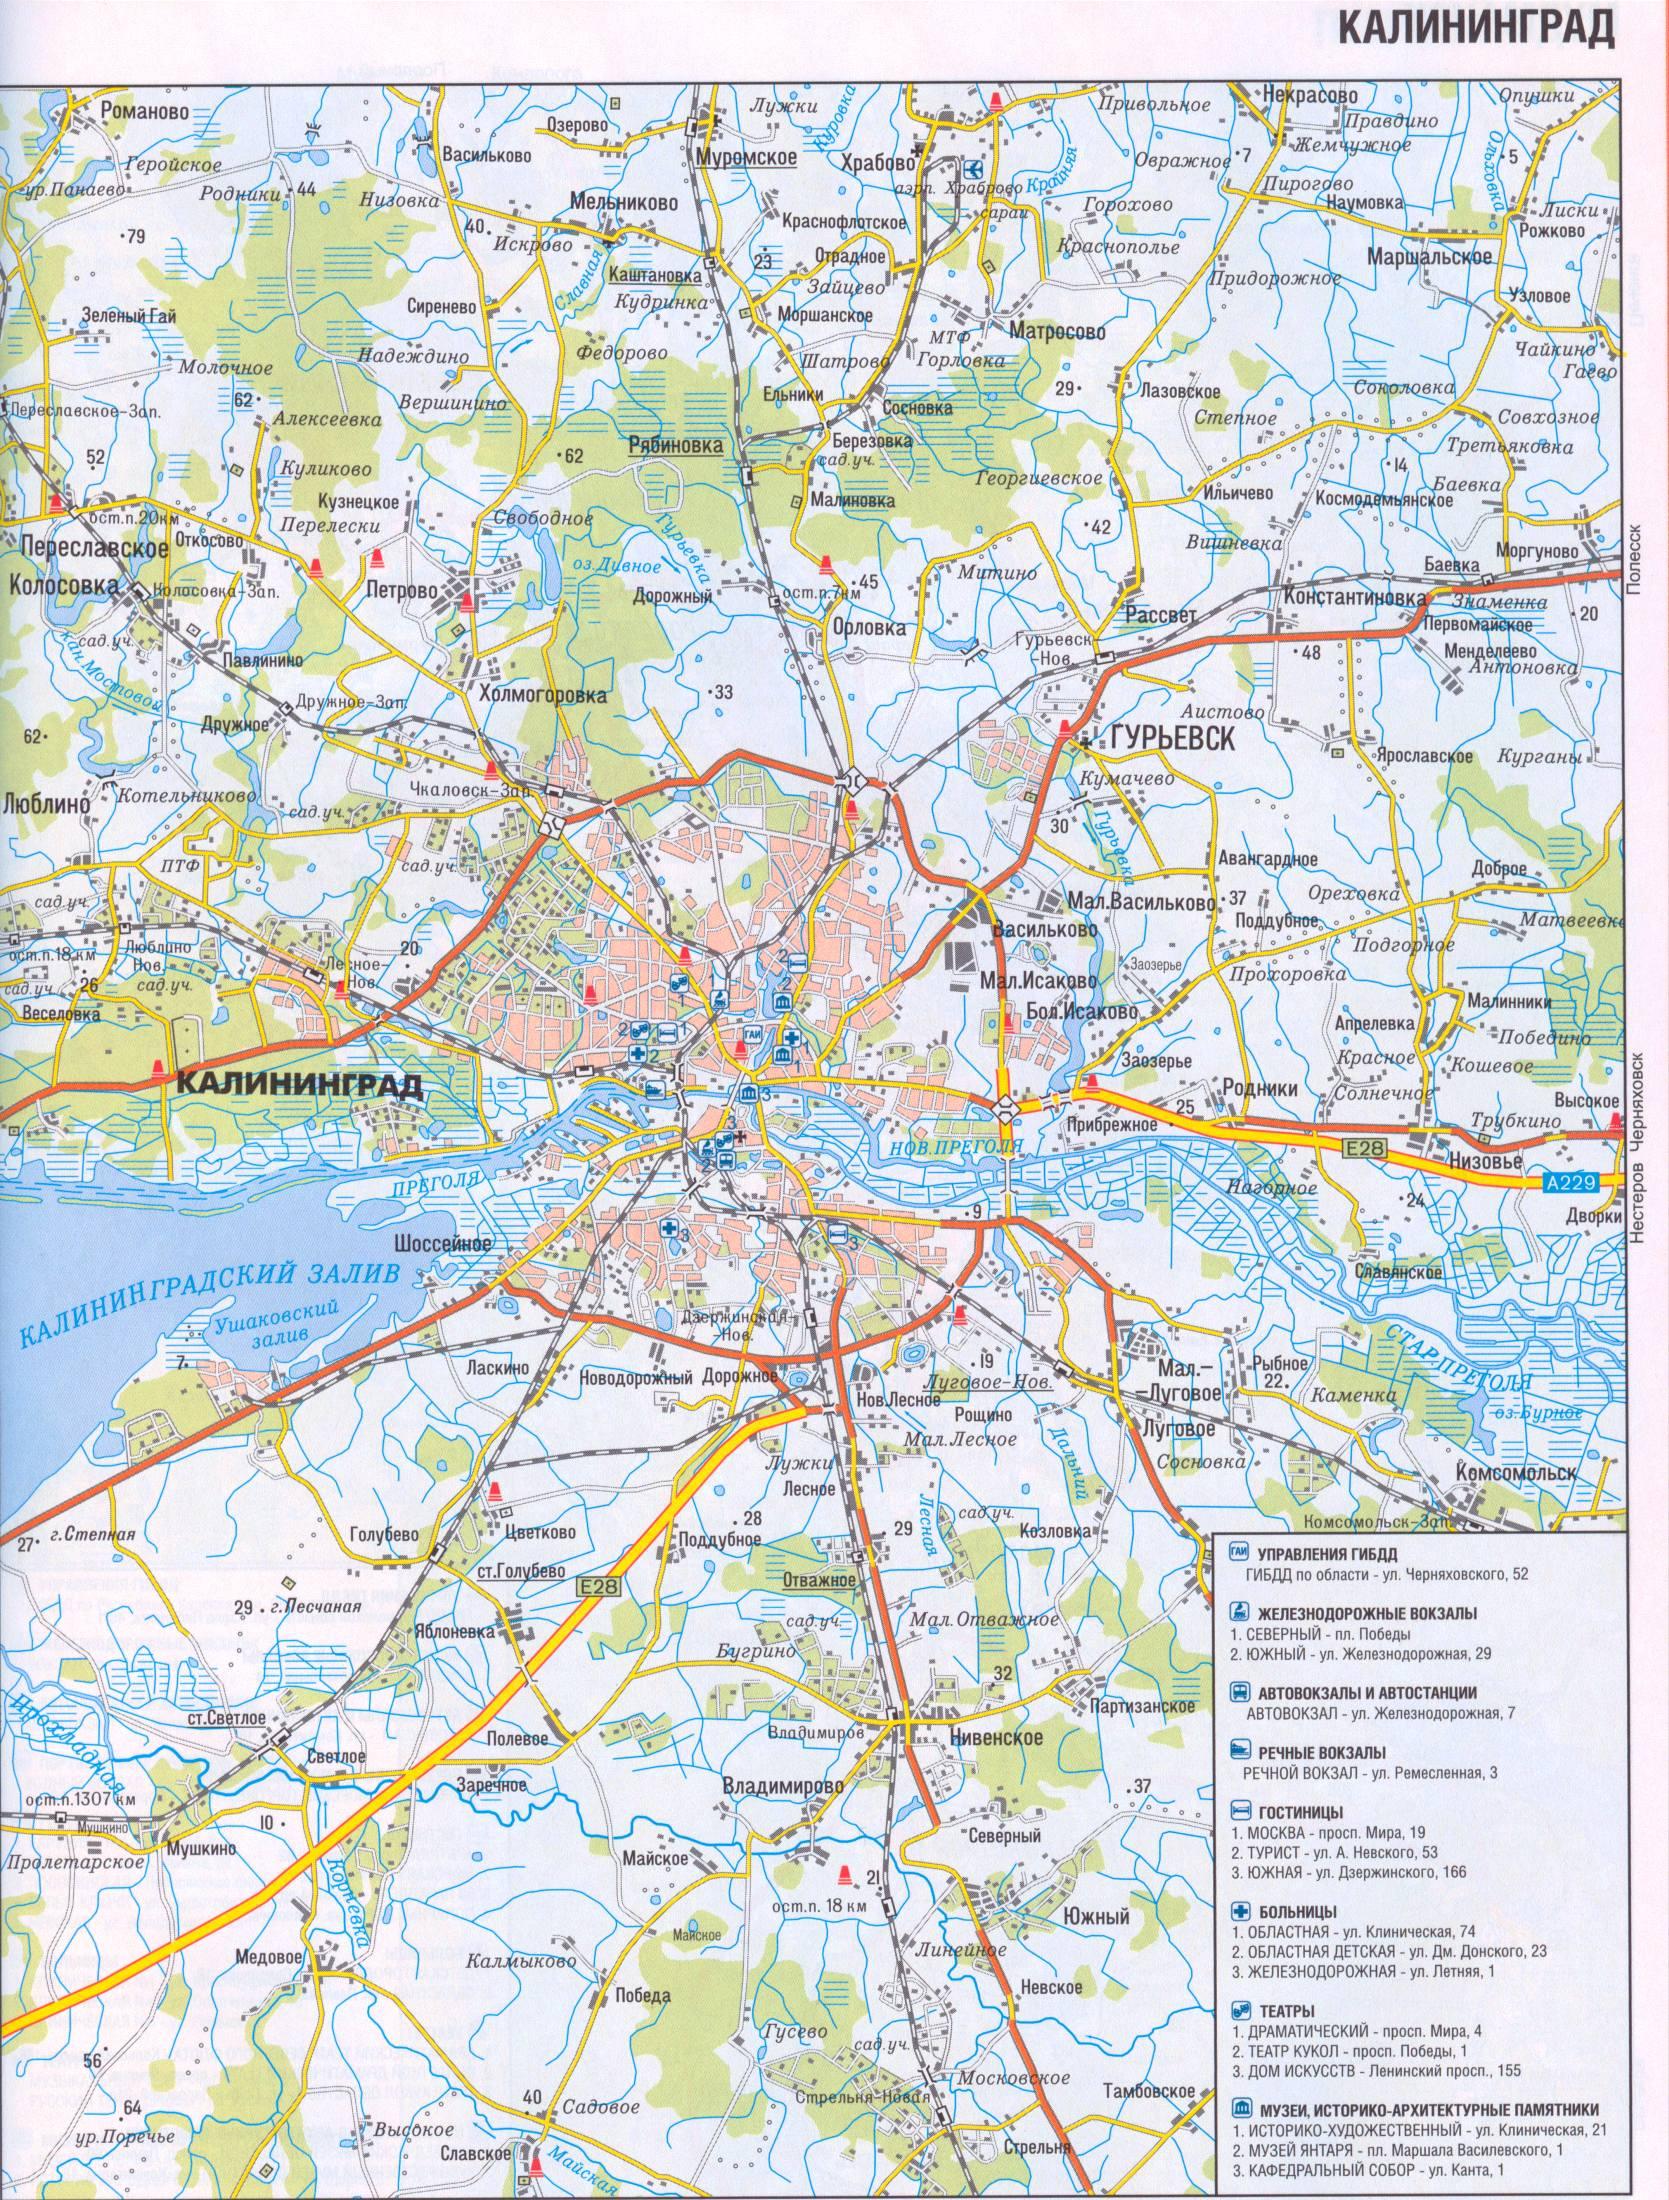 Карта схема города Калининград и окрестностей, схема проезда.  Скачать карту Калининграда.